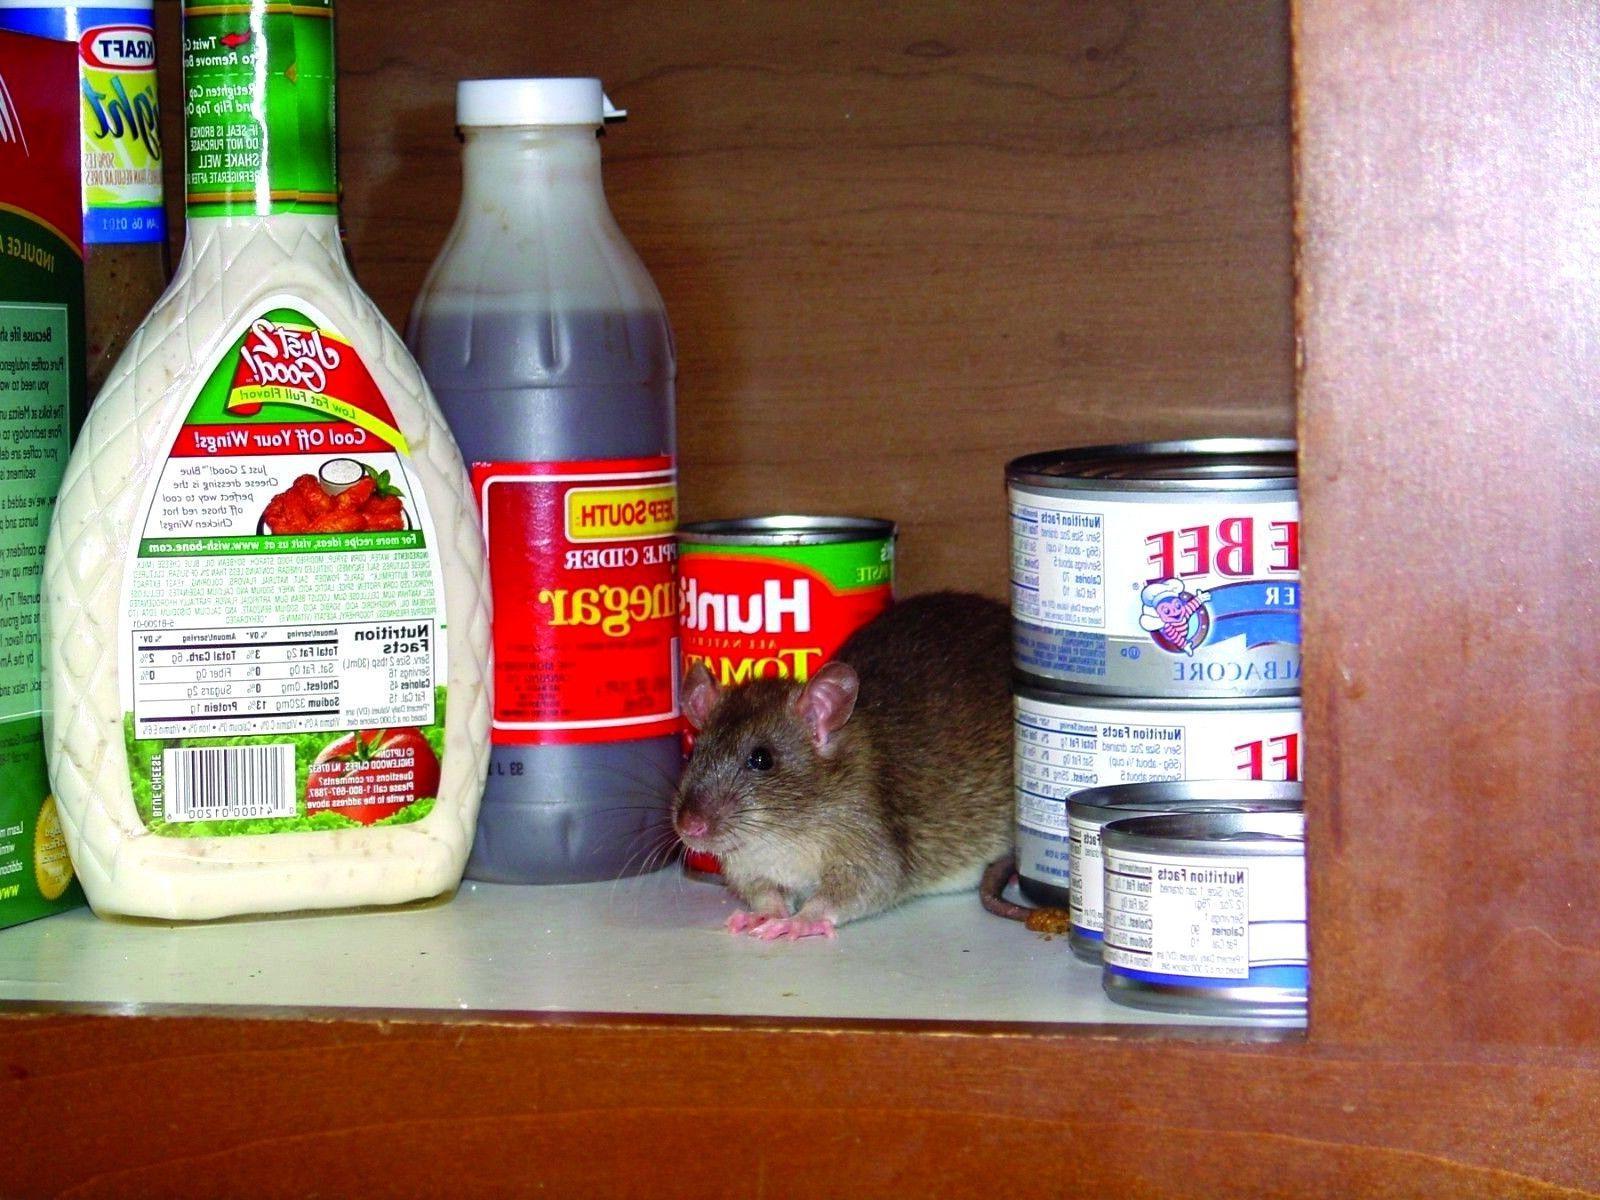 10 LARGE Sticky Rat Mice MOUSE w/ Bait No Rodent Pest